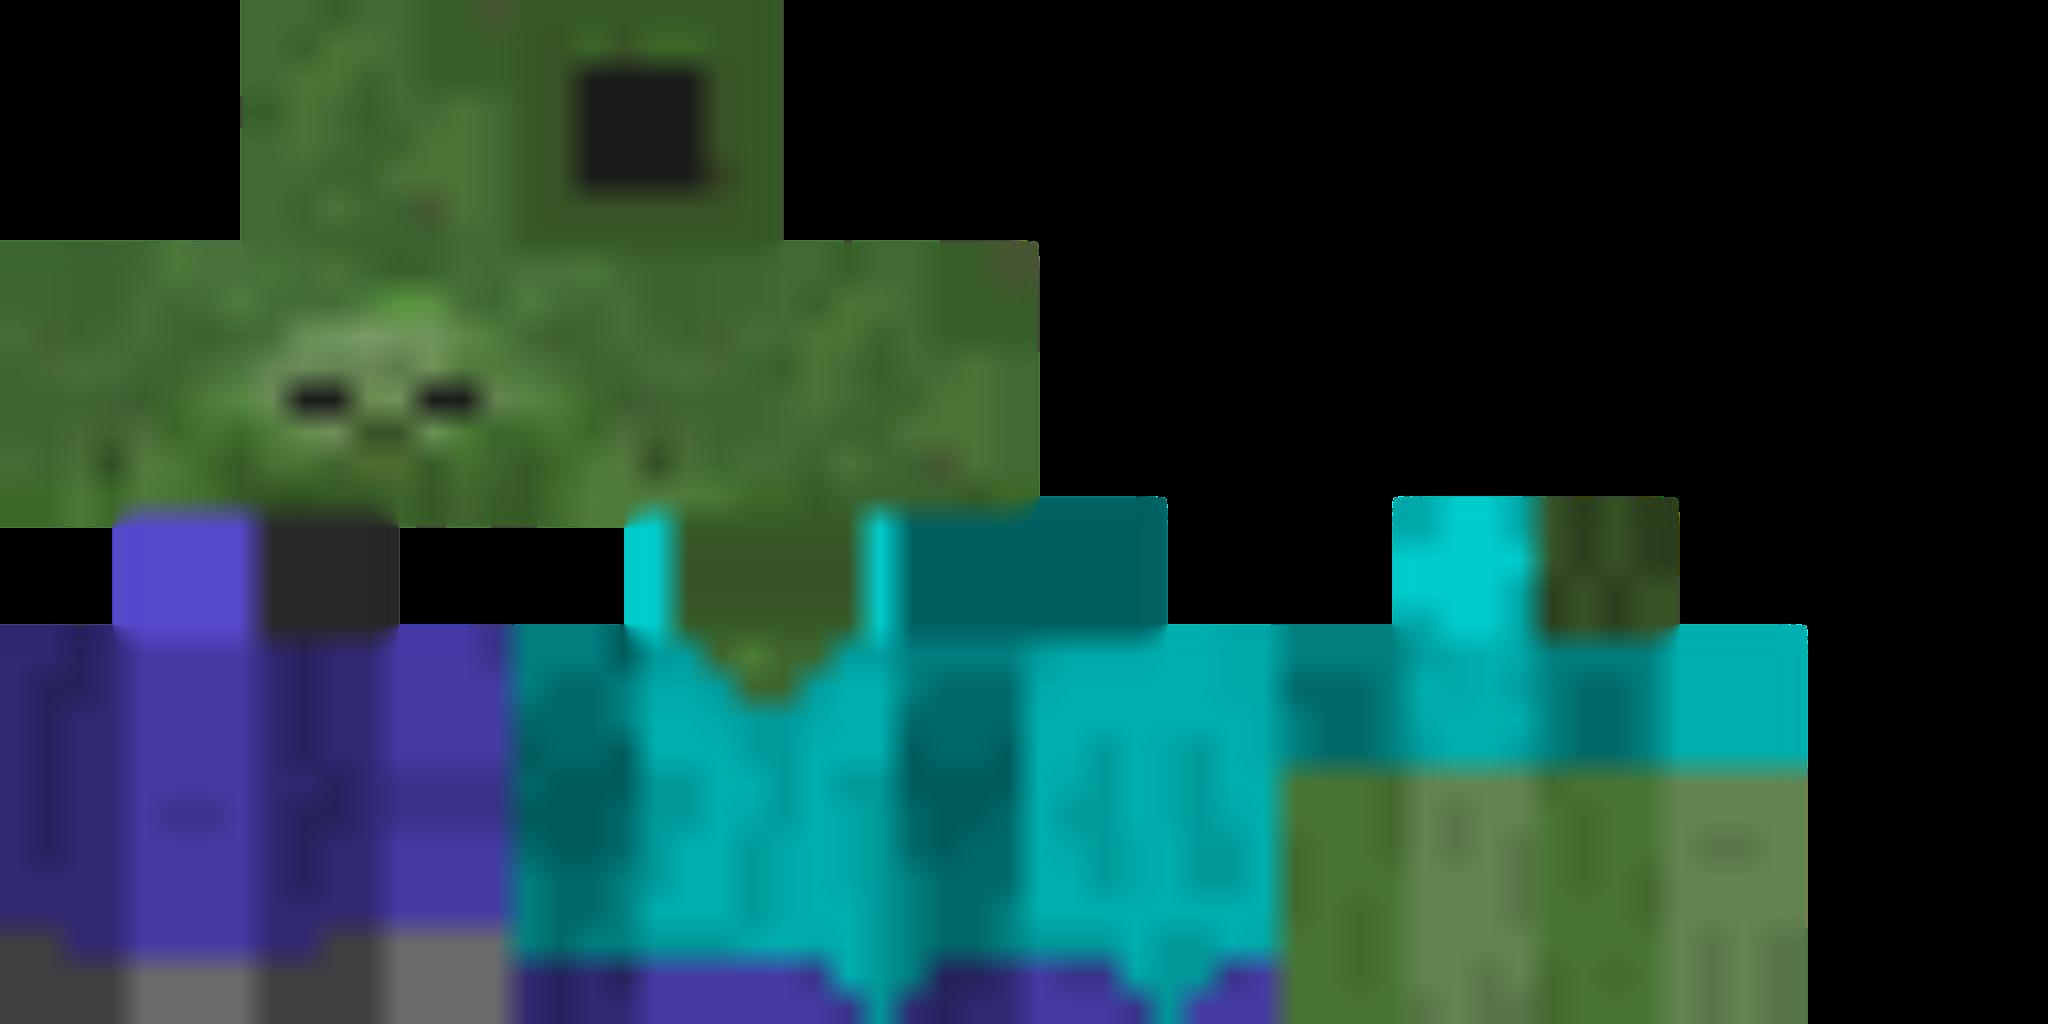 Minecraft Hd Skin Template - Nyepi v